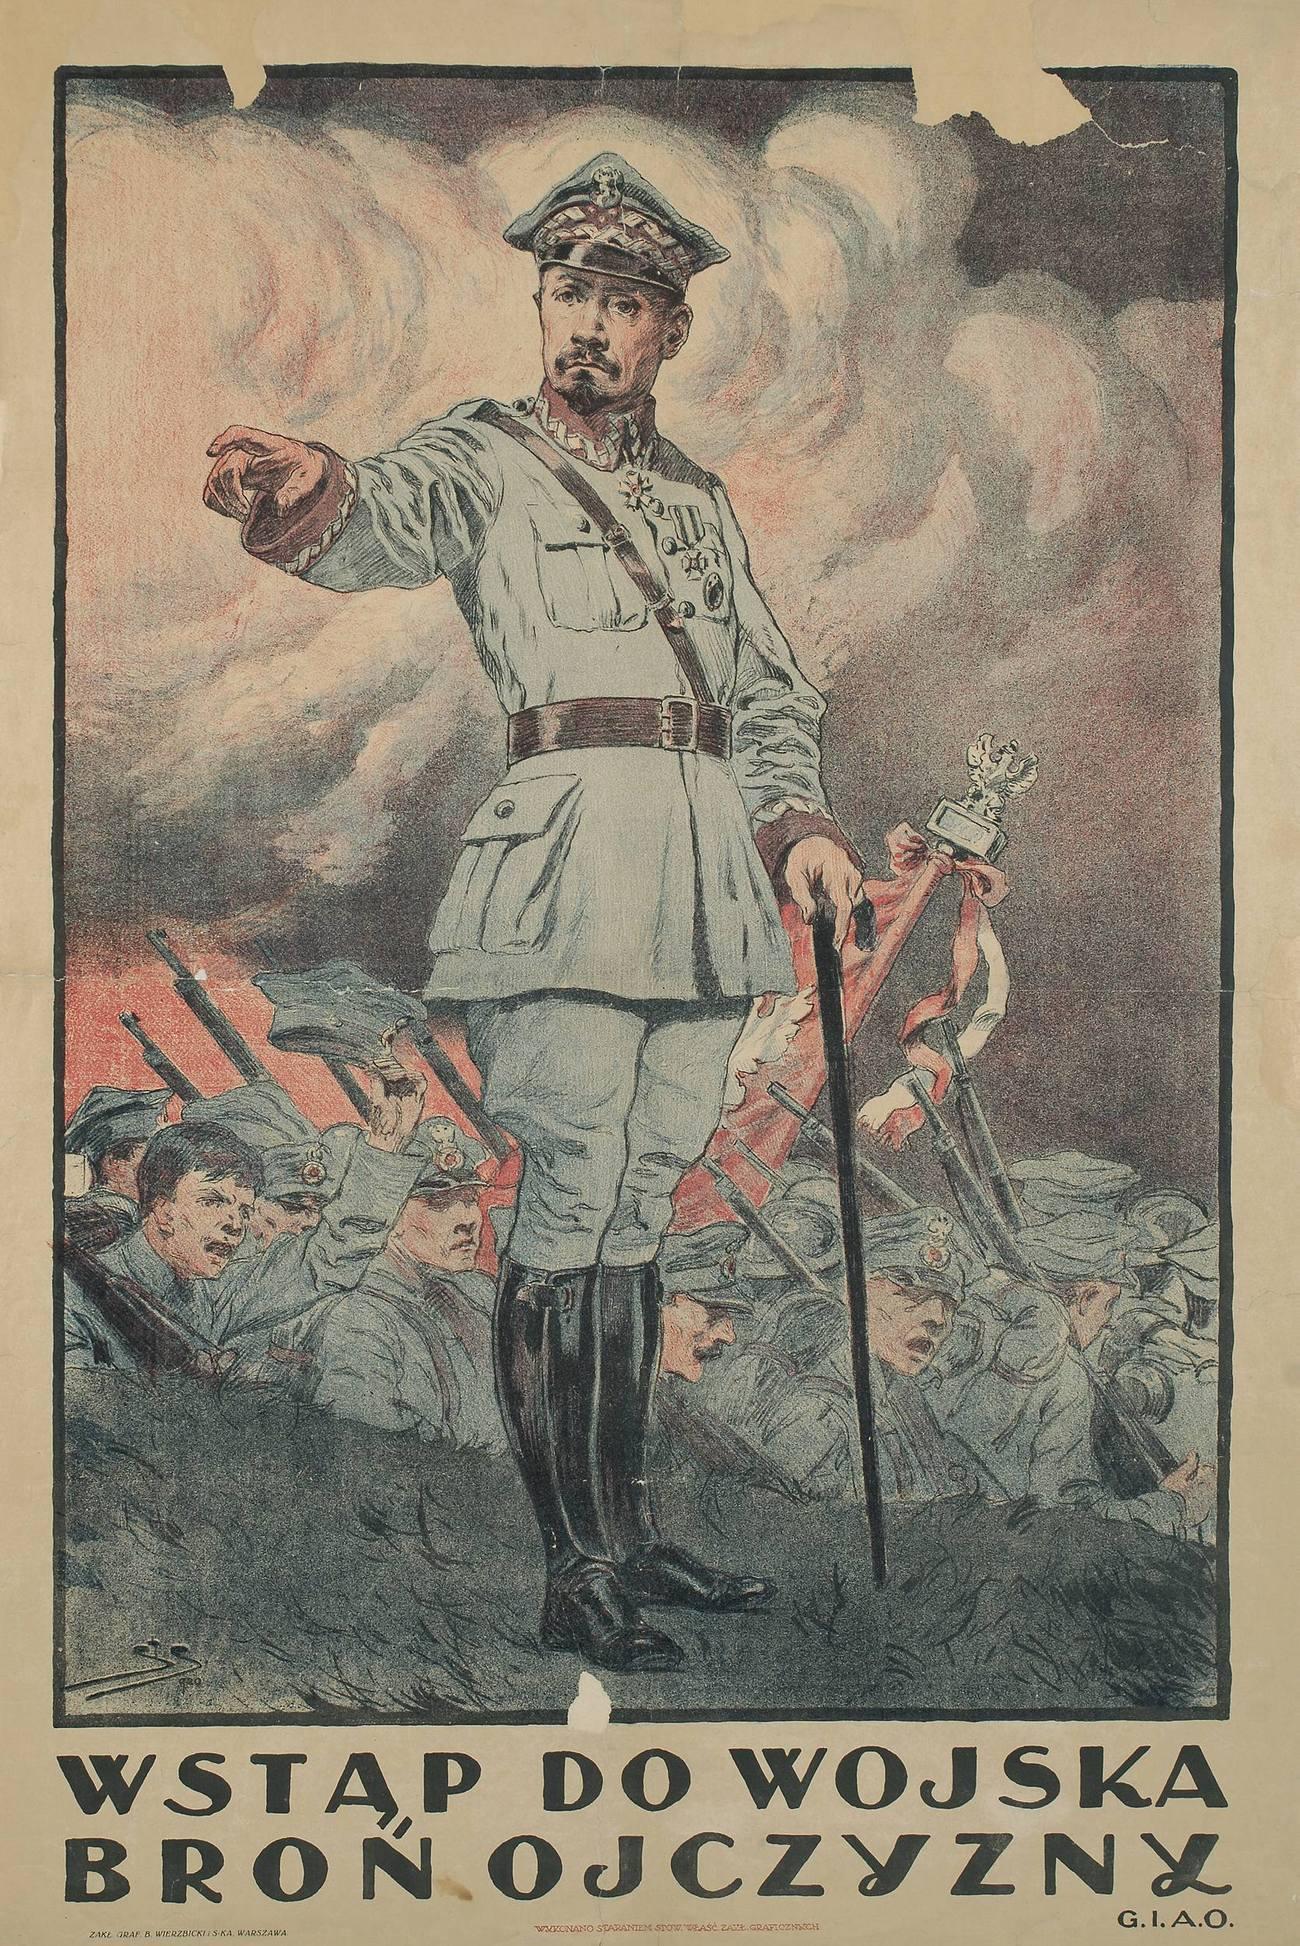 Plakat zachęcający do wstępowania w szeregi Armii Ochotniczej. Sierpień 1920 roku.